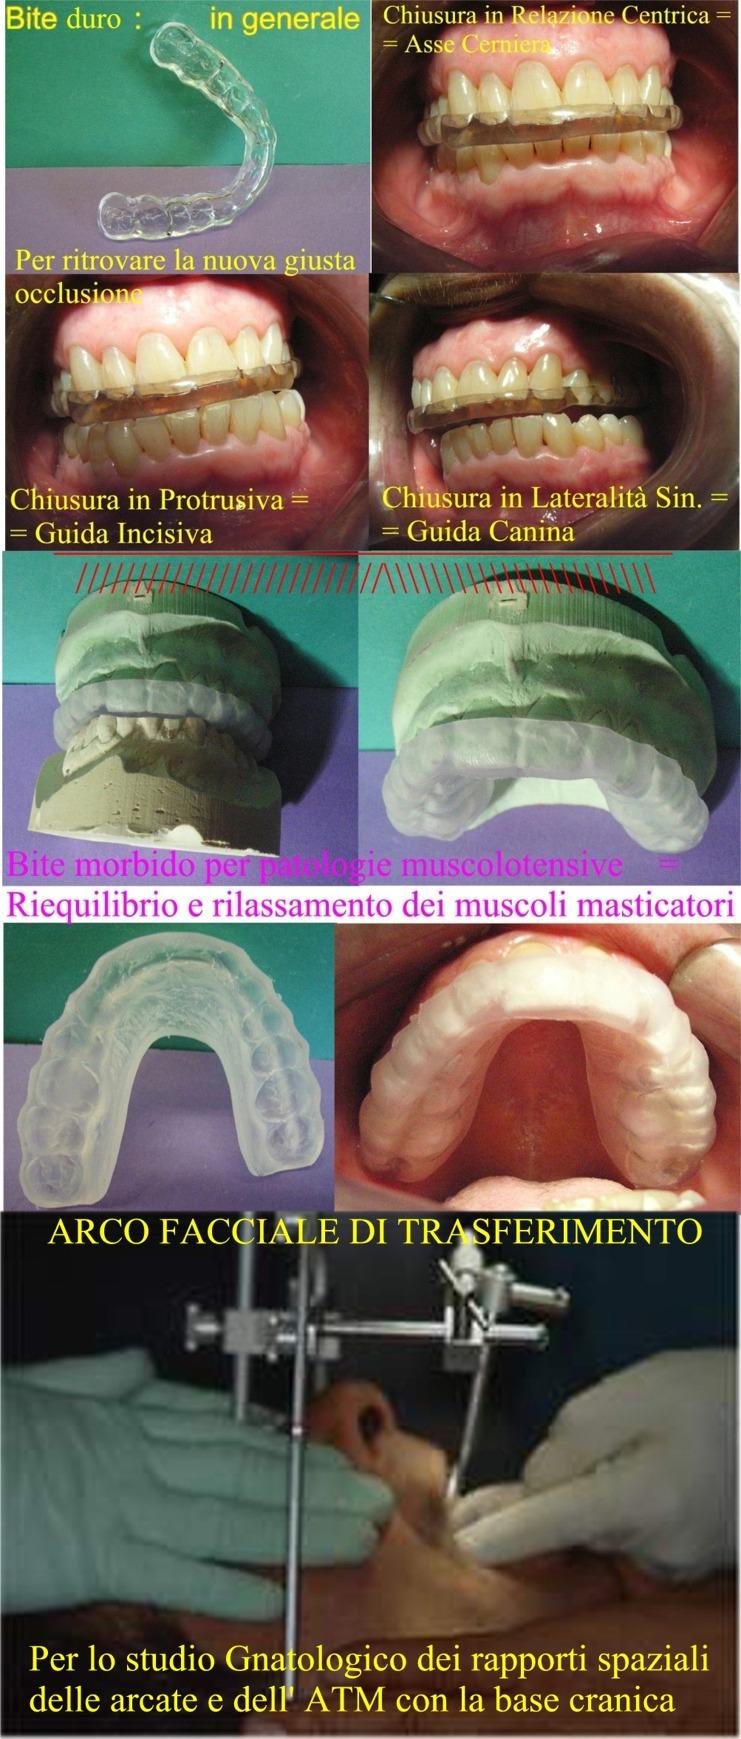 Vari tipi di Bite e Arco Facciale di trasferimento come spiegato nel testo. Da casistica Gnatologica del Dr. Gustavo Petti di Cagliari